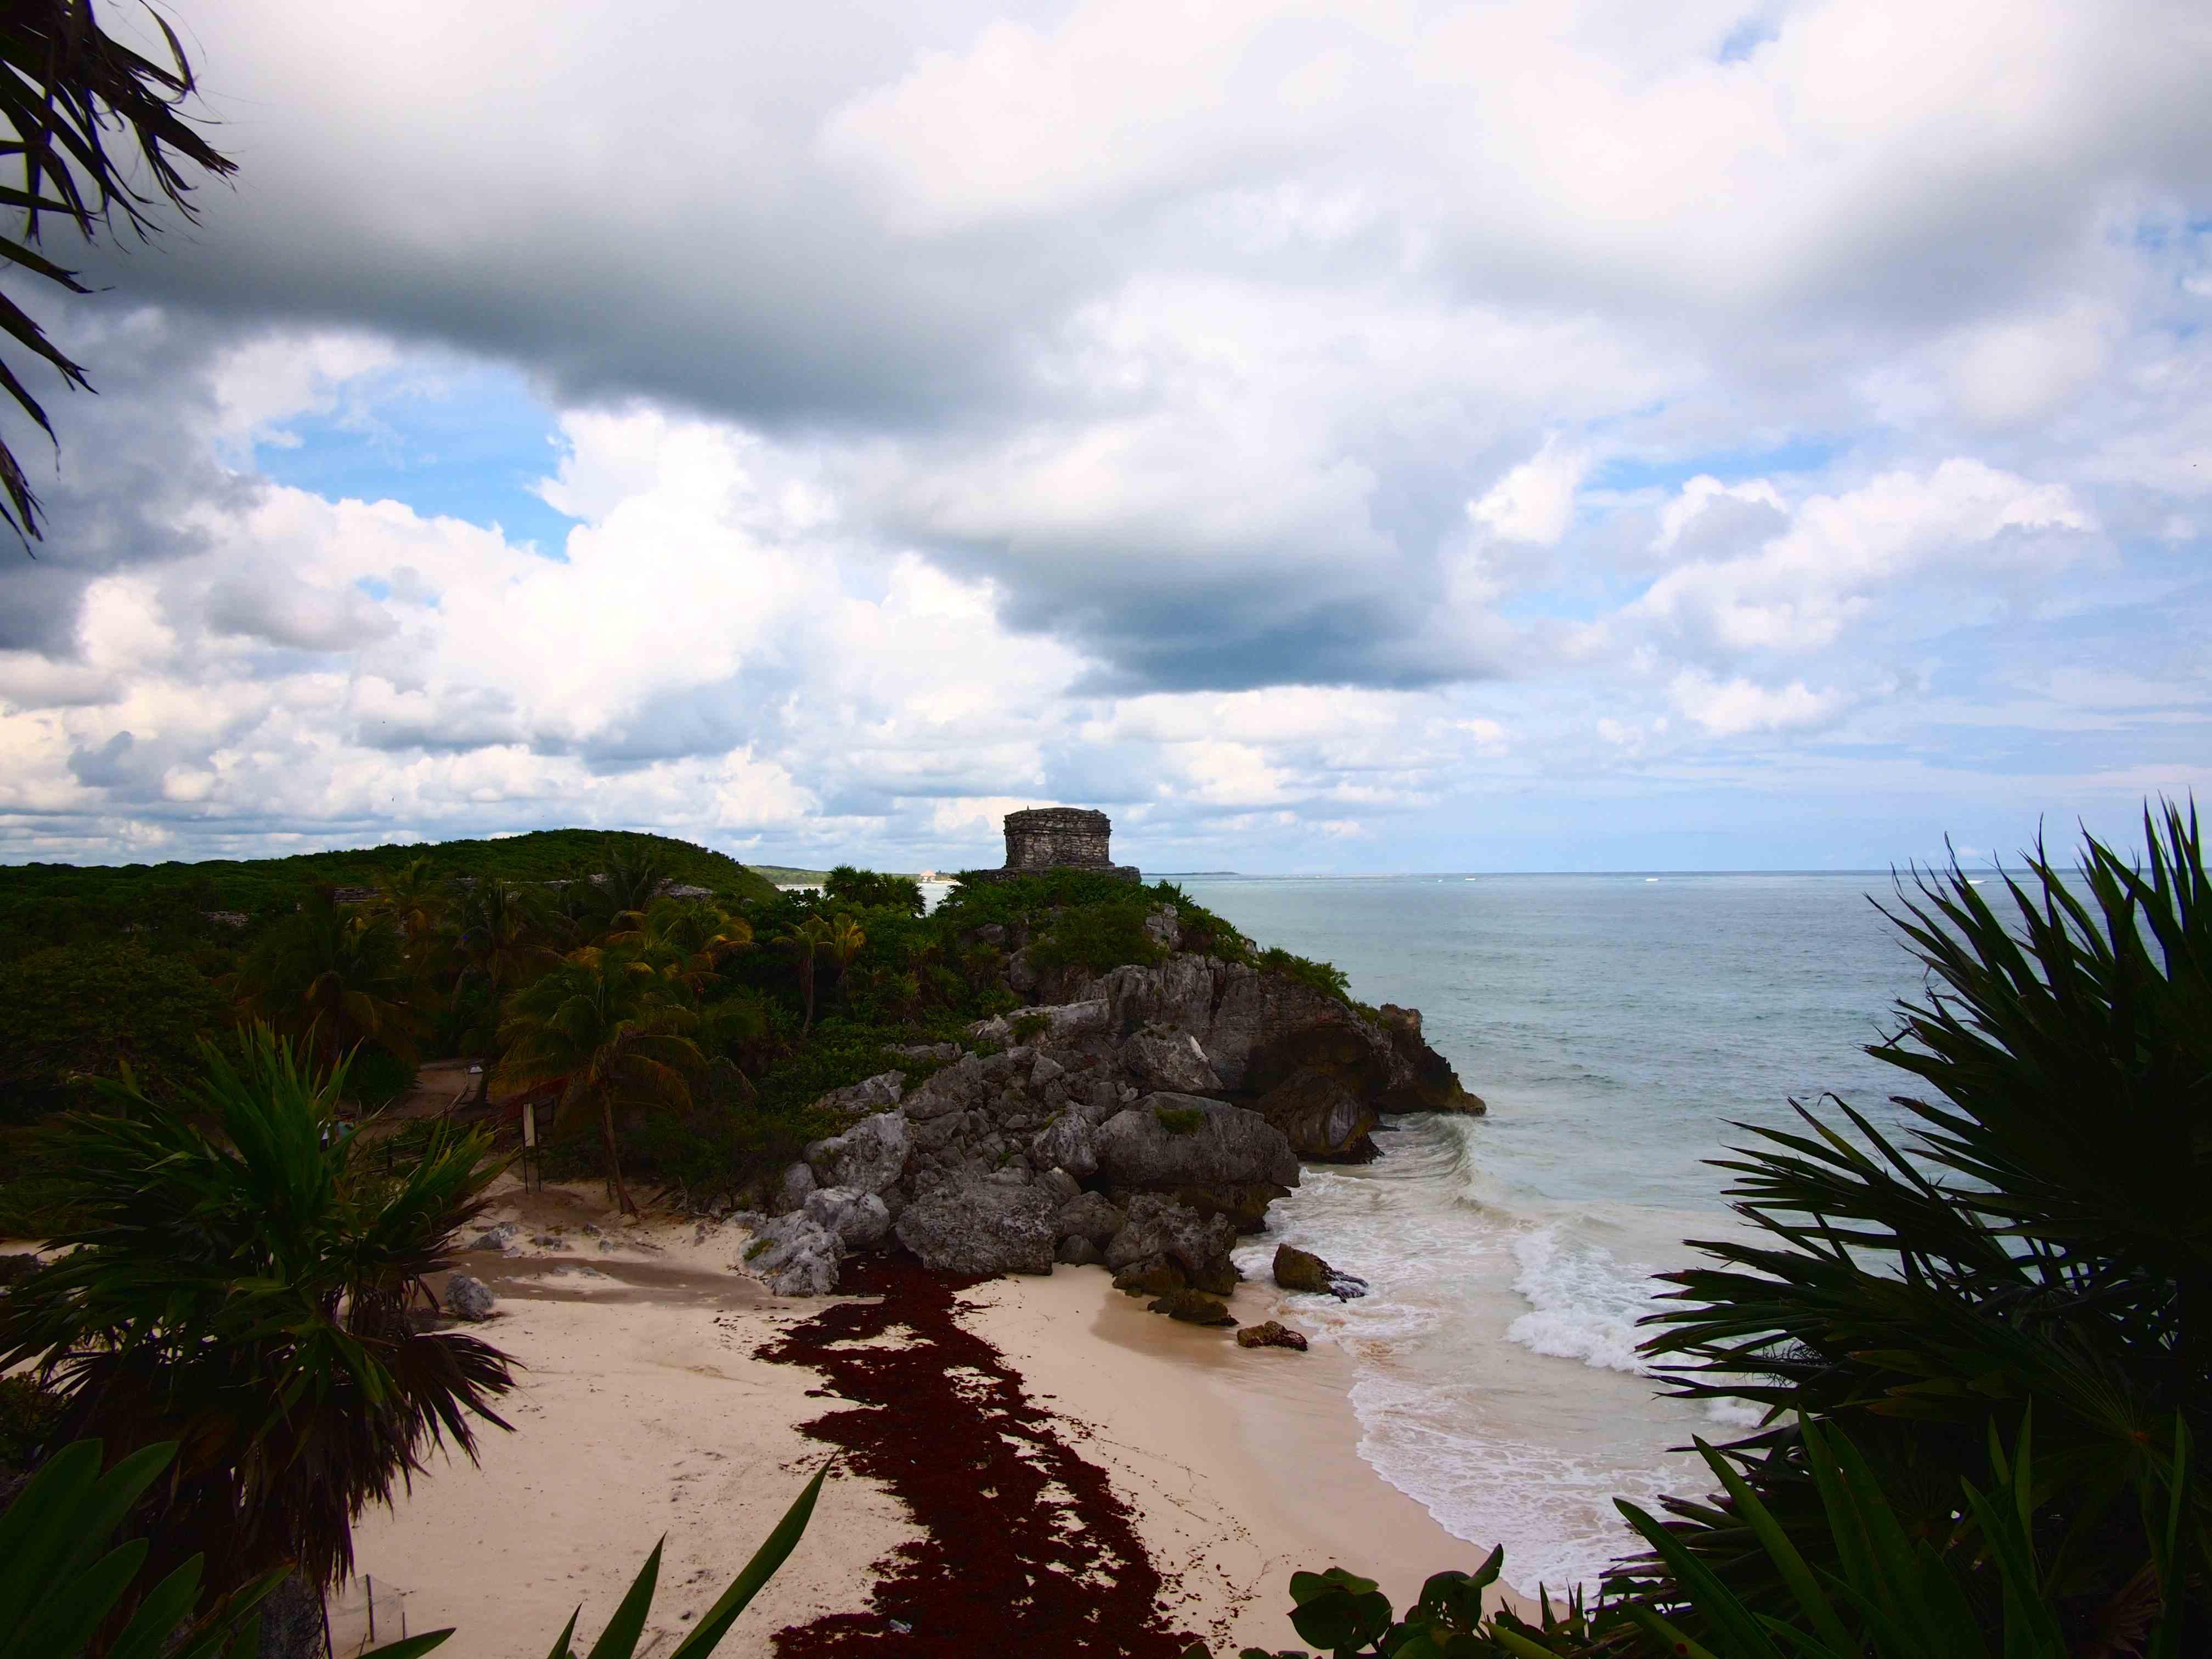 Exploring Mayan Ruins in Mexico: Ek Balam and Tulum